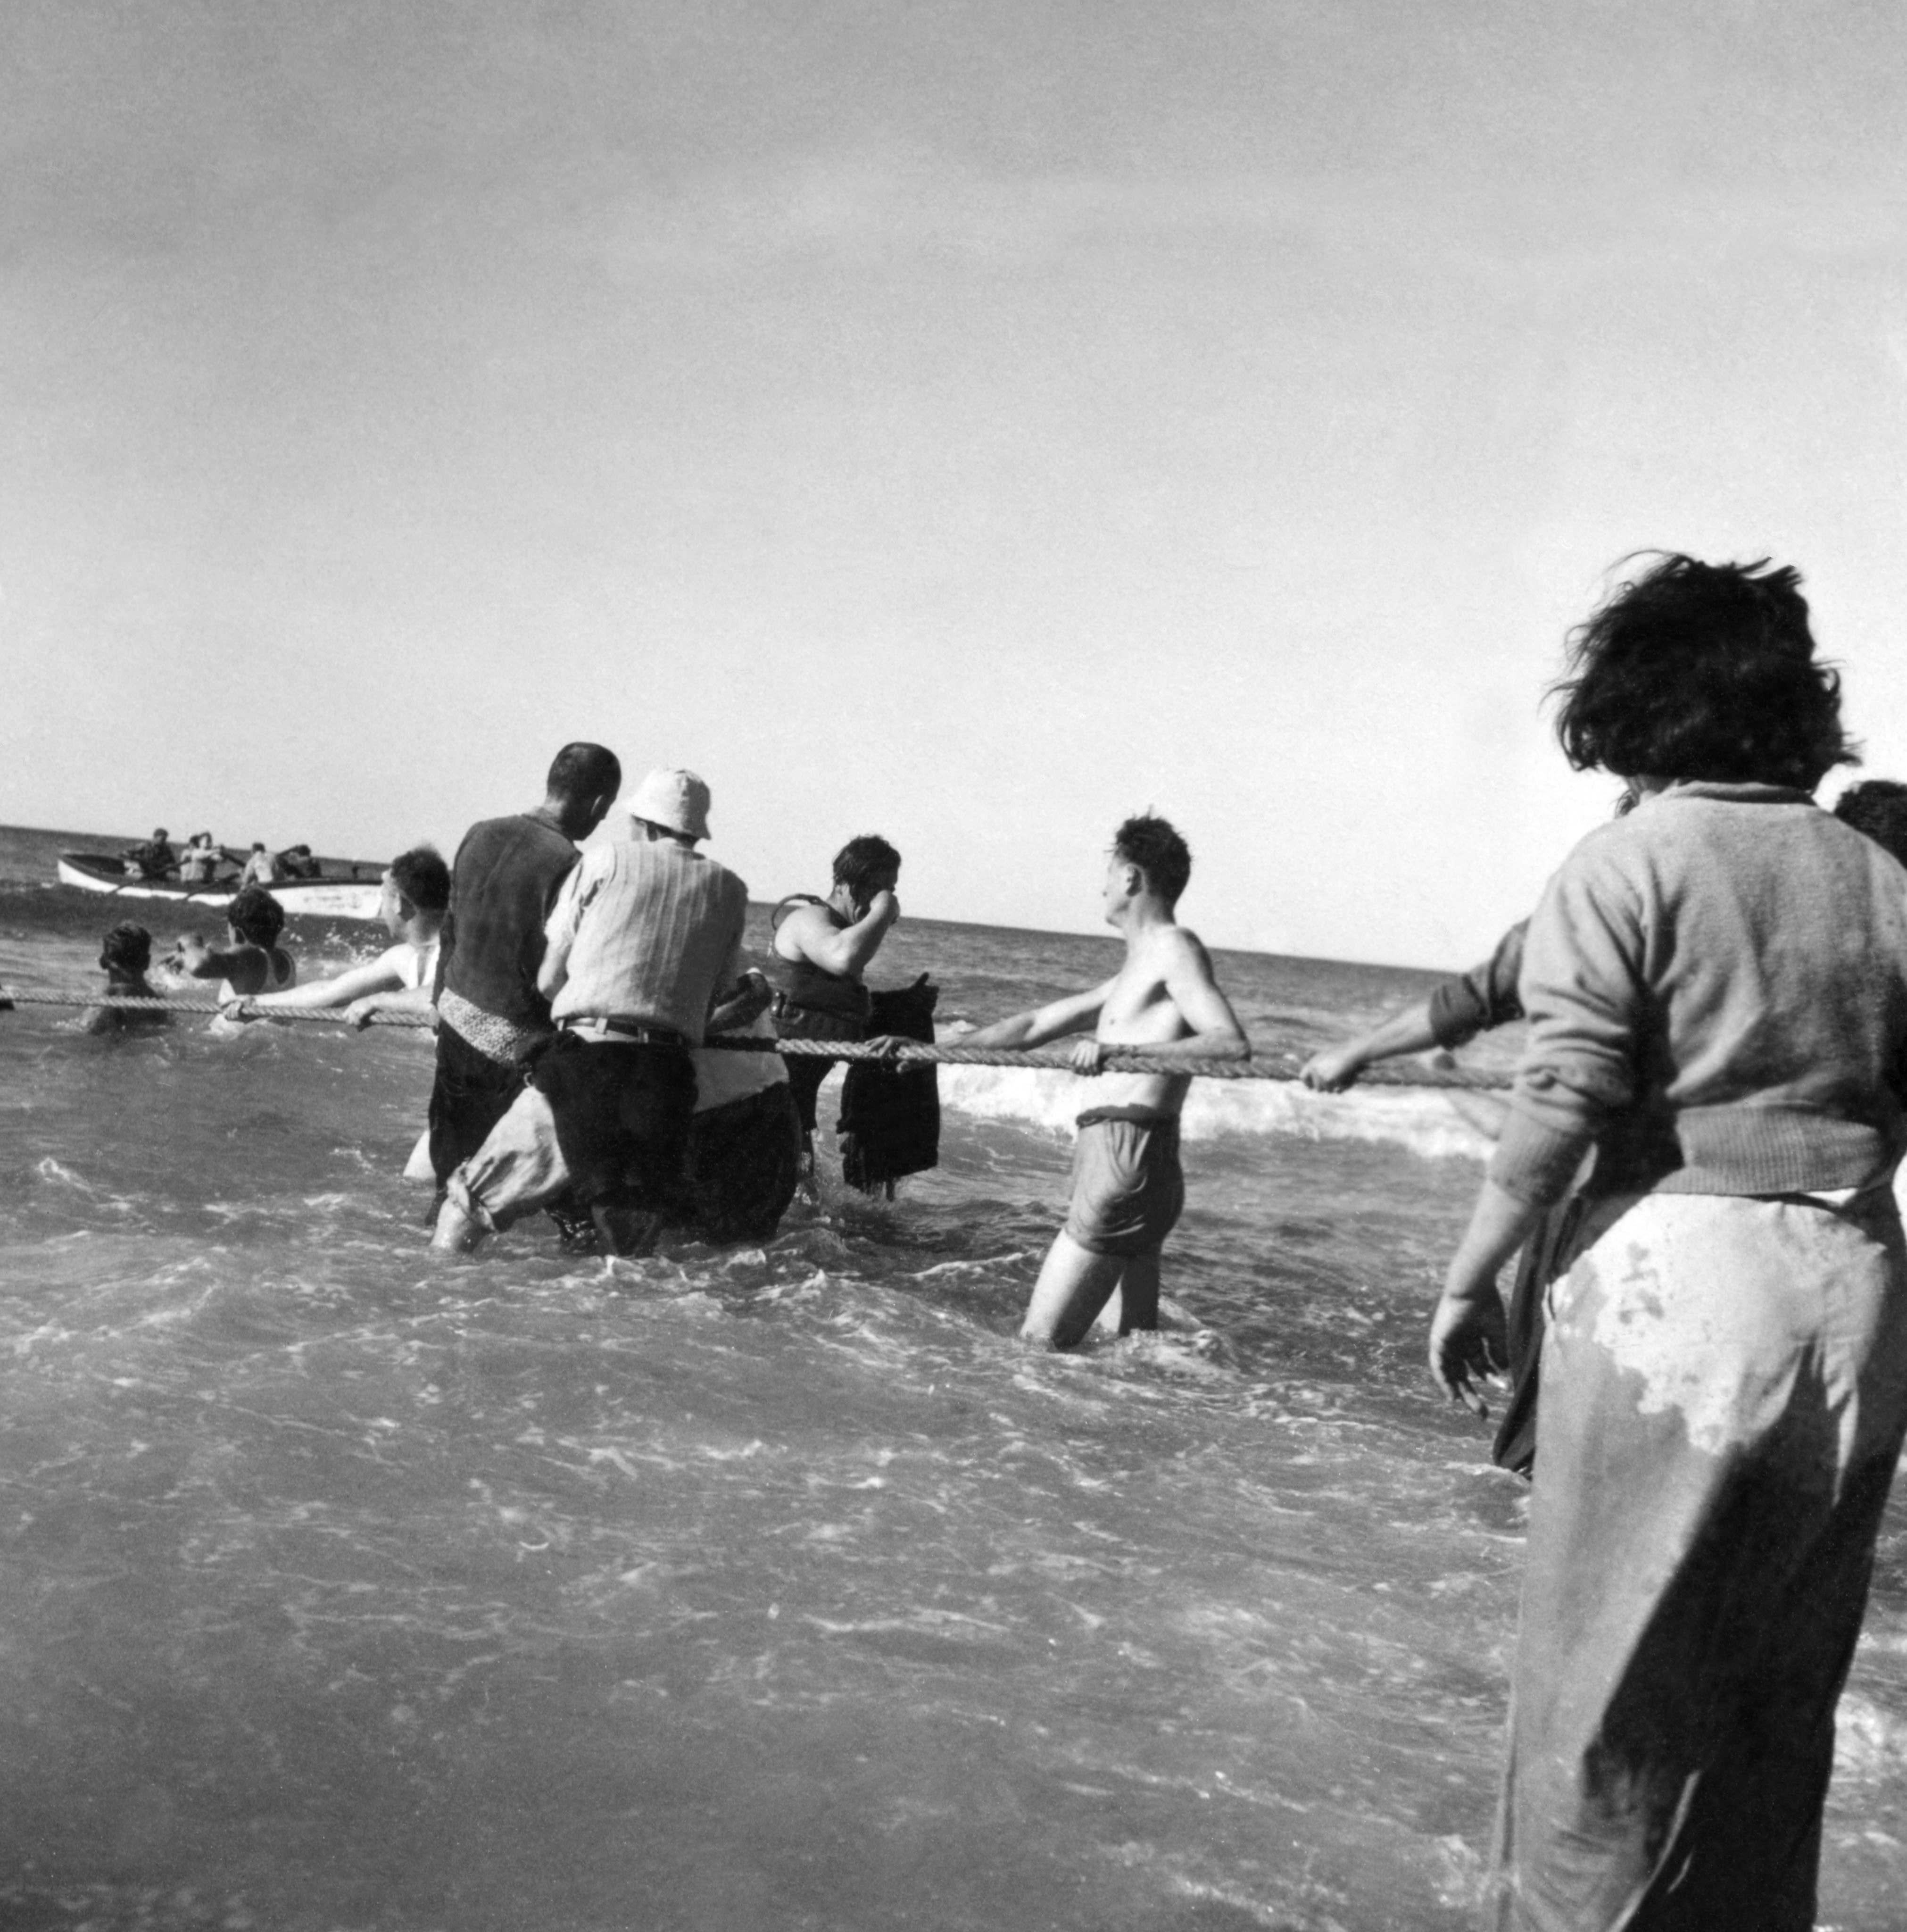 Люди тянут канат, связывающий  судно с берегом во время прибытия новой партии нелегальных эмигрантов в Нагарию. 13 января